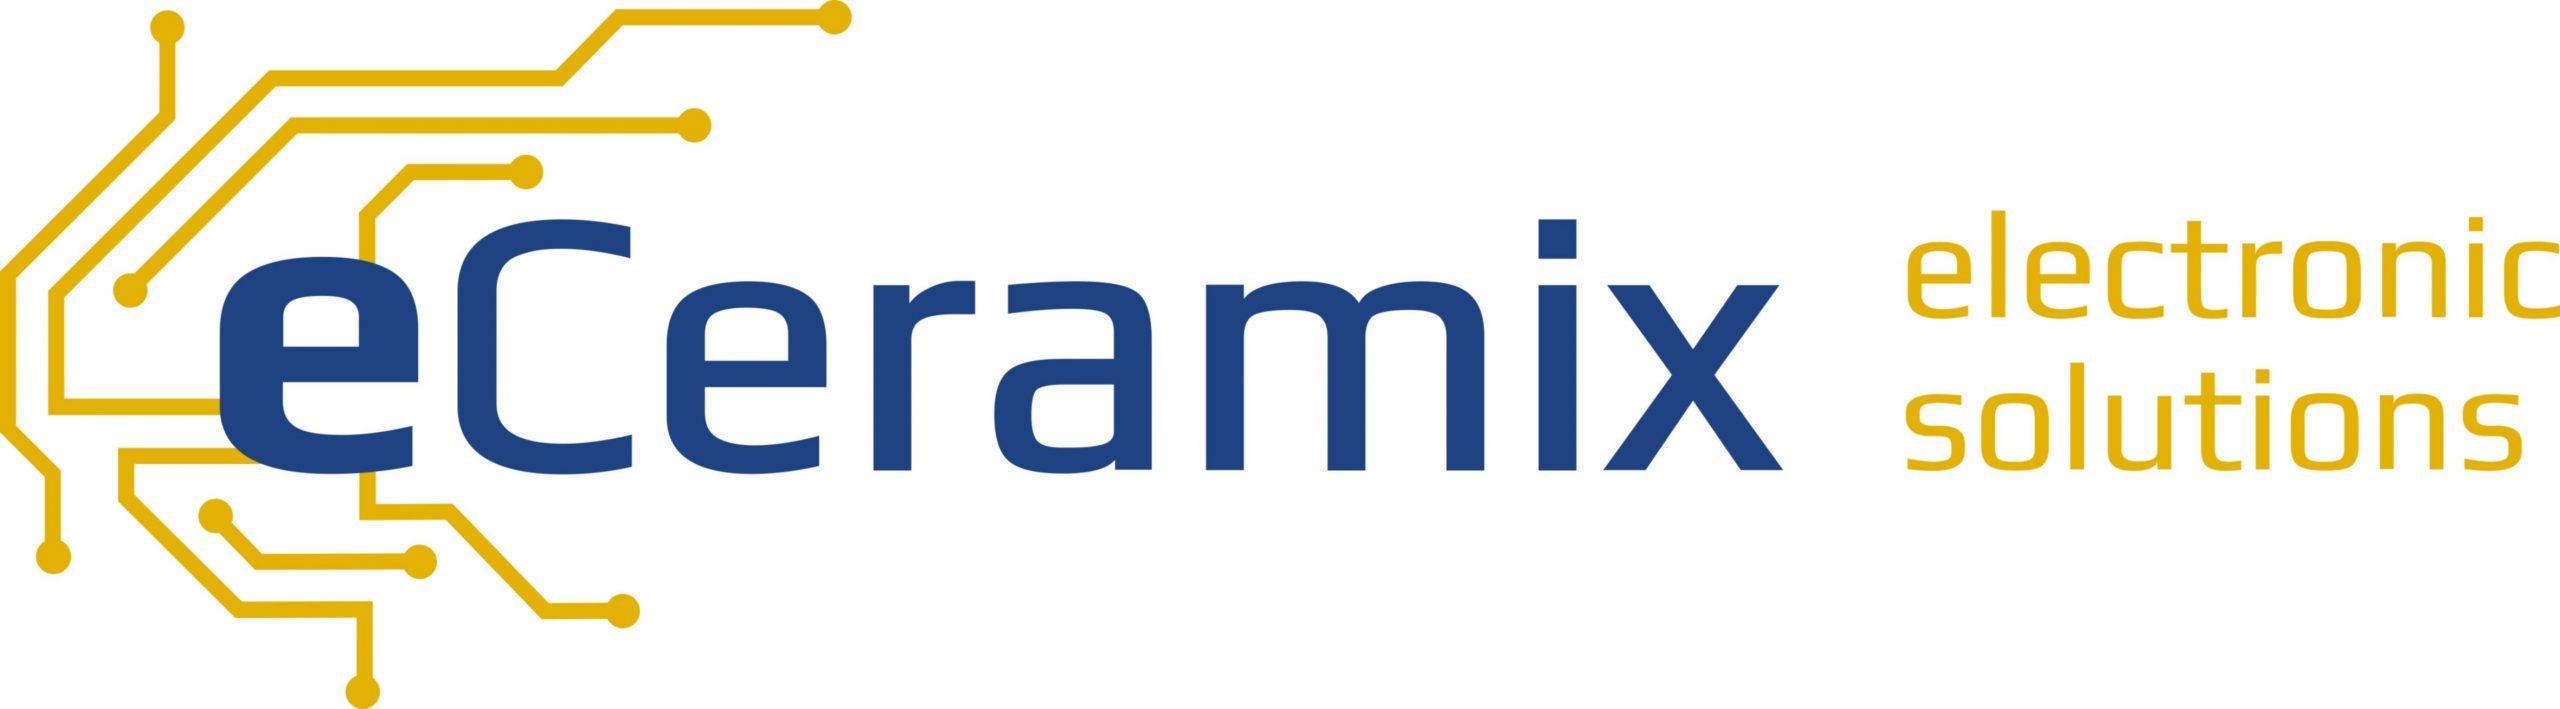 eCeramix GmbH